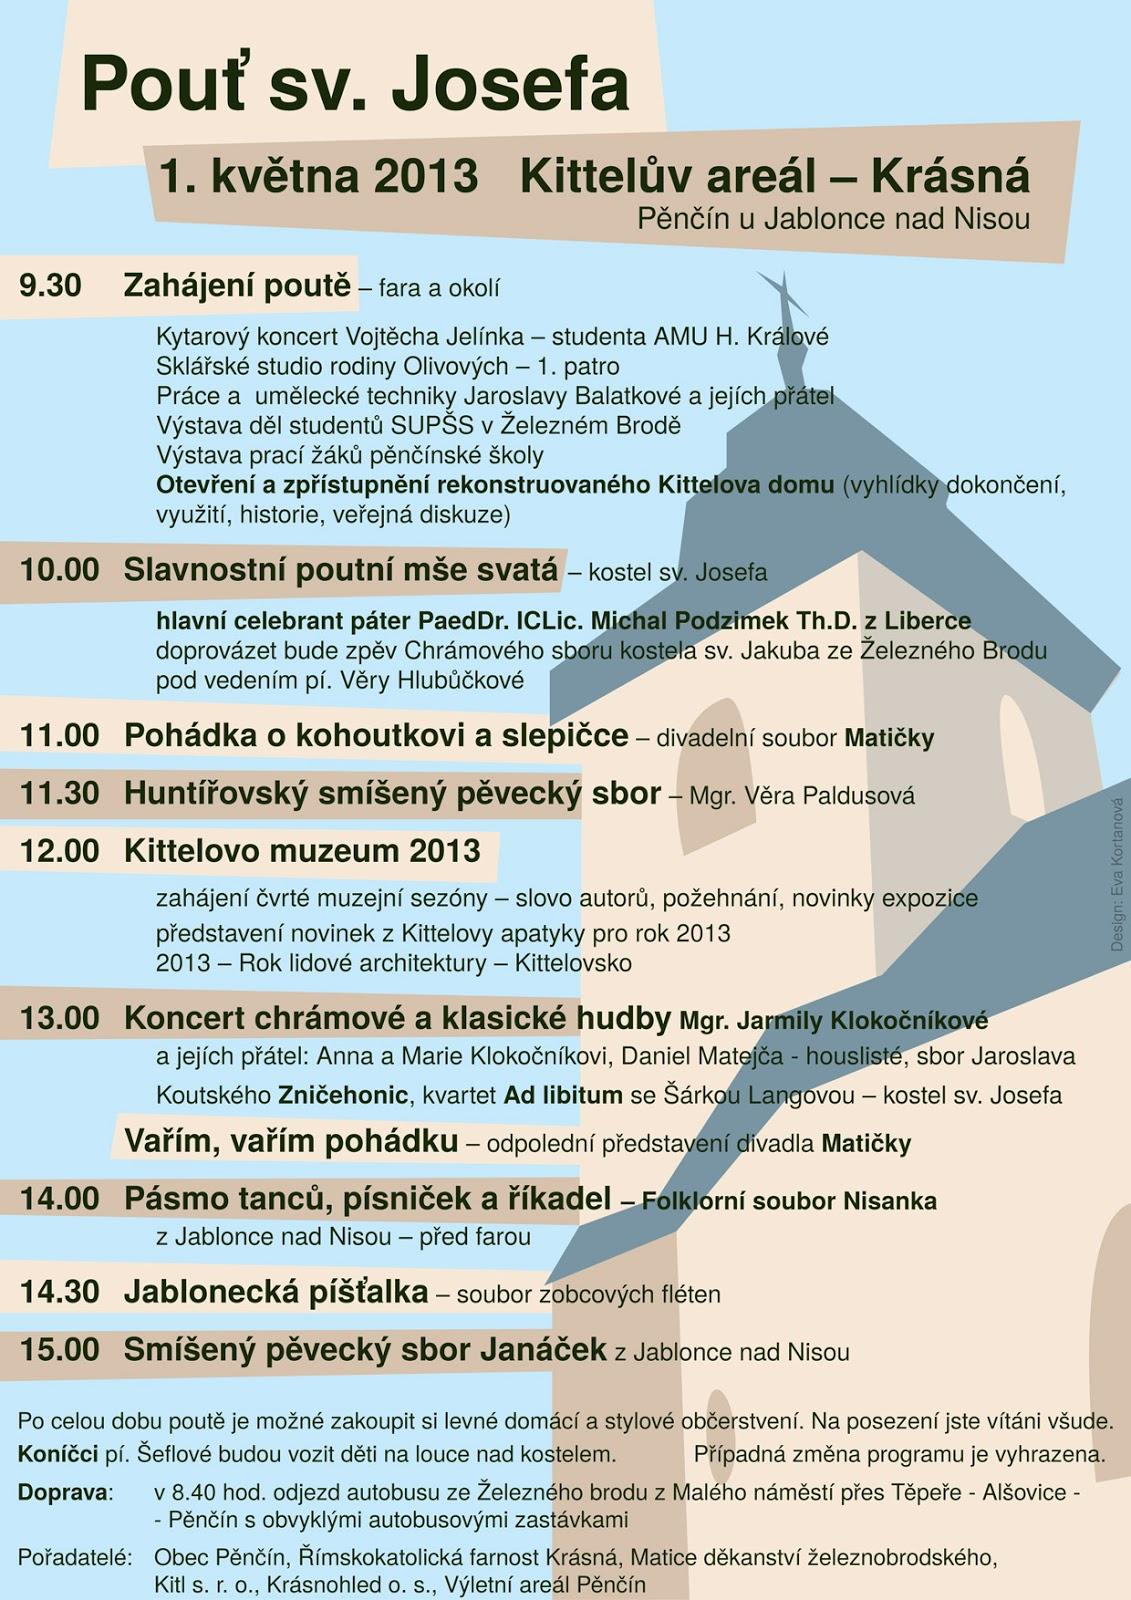 Pouť sv. Josefa na Krásné 1. 5. 2013 - plakát